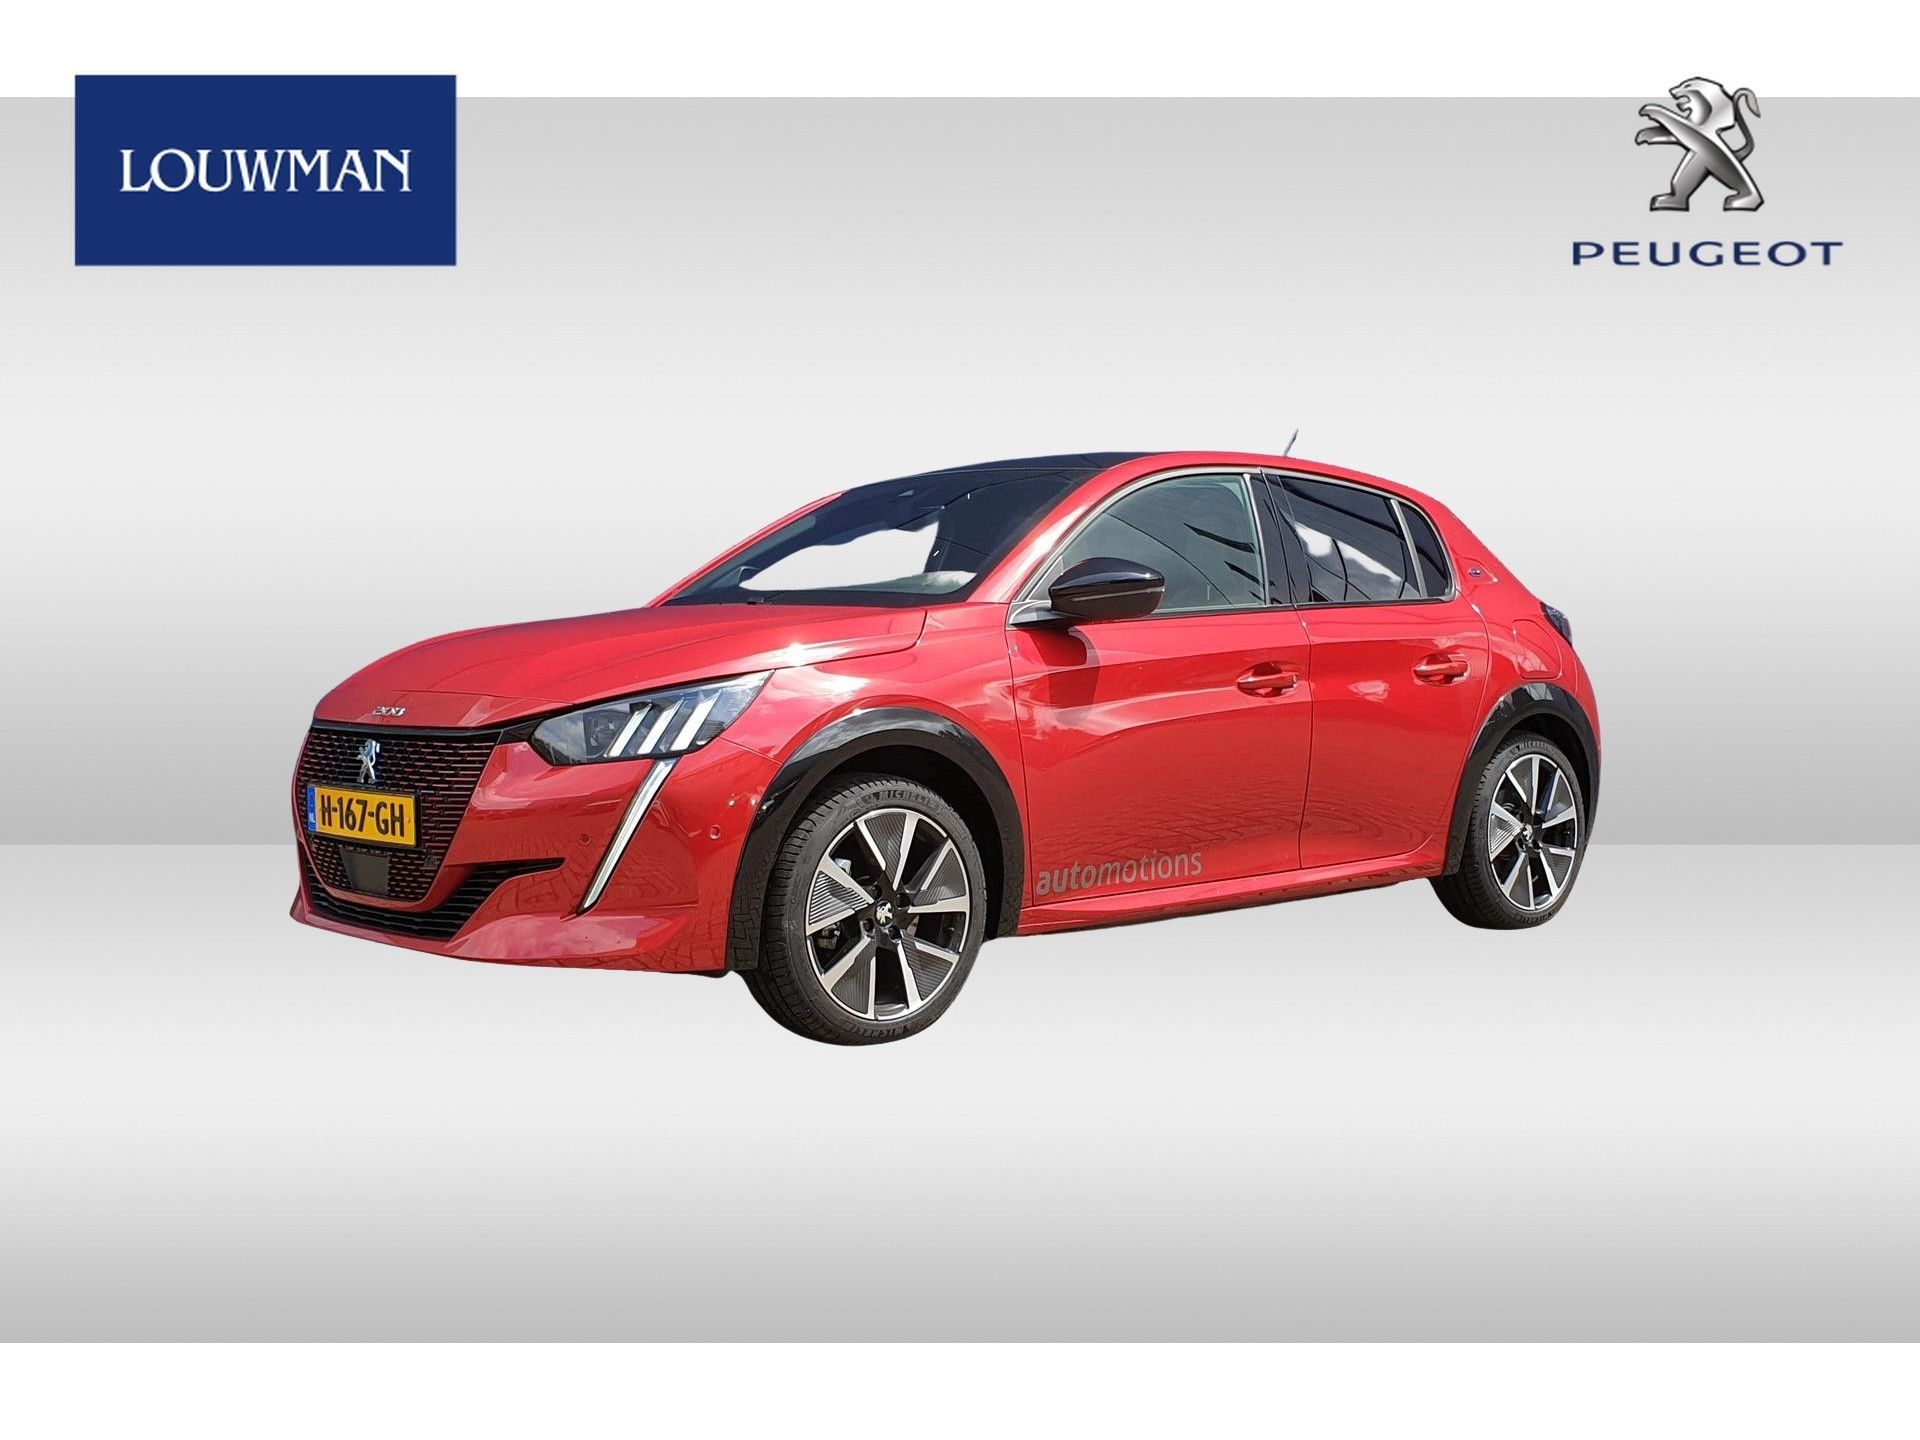 Peugeot 208 New EV 50kWh 136pk GT | Navi | Clima | Pano dak | Full led | 8% bijtelling |